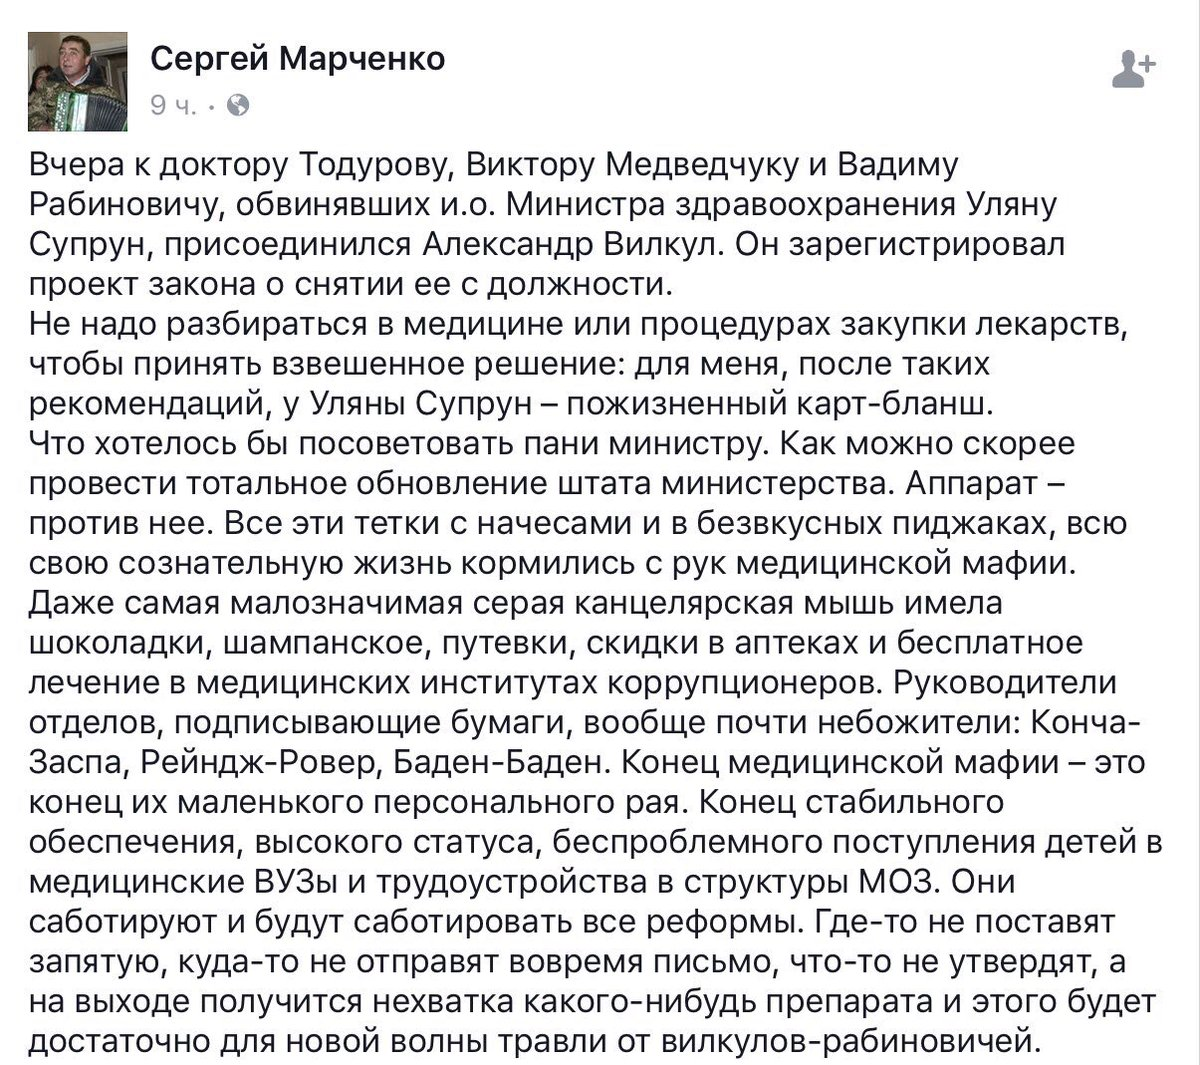 Огнем и мечом! Что стоит за конфликтом Бориса Тодурова и Минздрава? - Цензор.НЕТ 3912